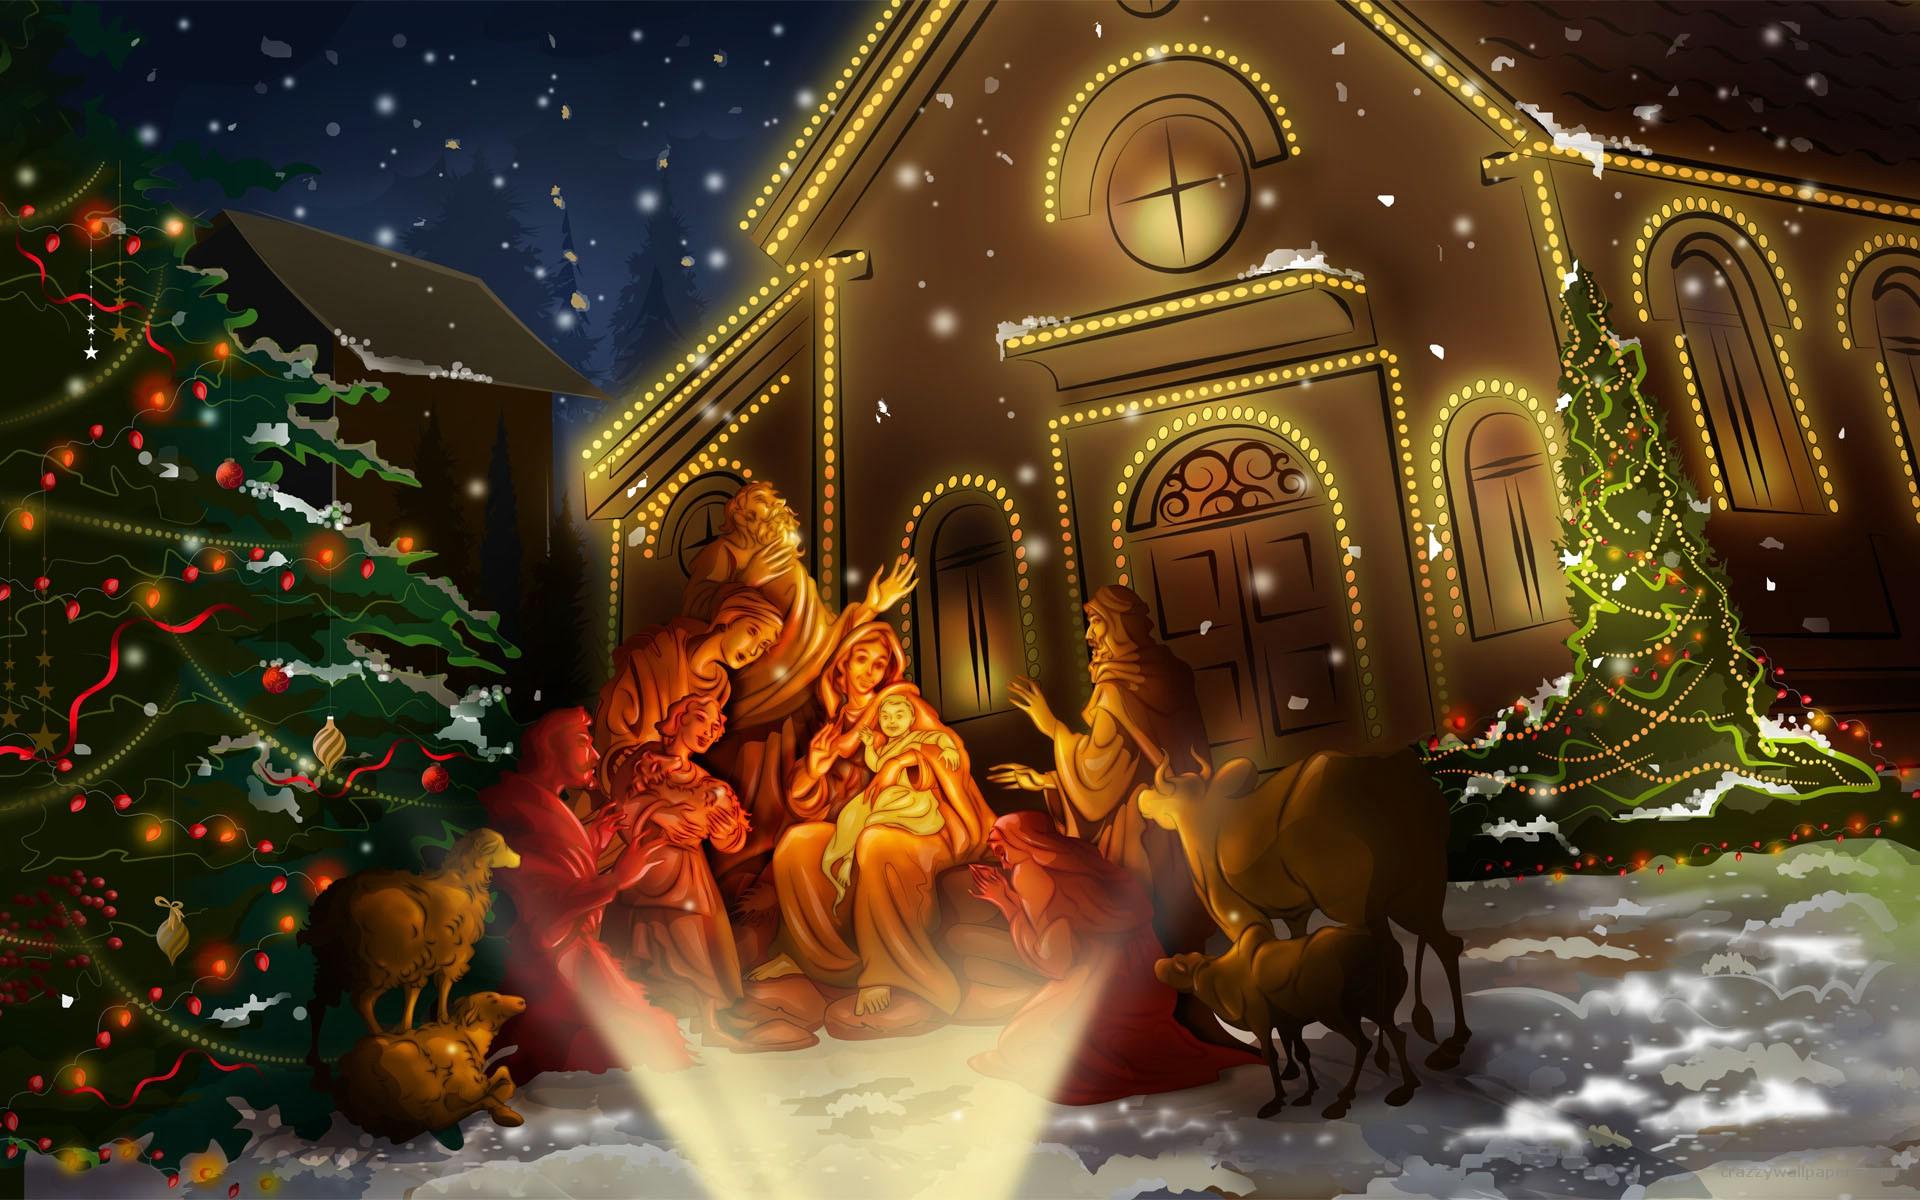 3d Animated Christmas Church Wallpaper 8969 Wallpaper computer best 1920x1200